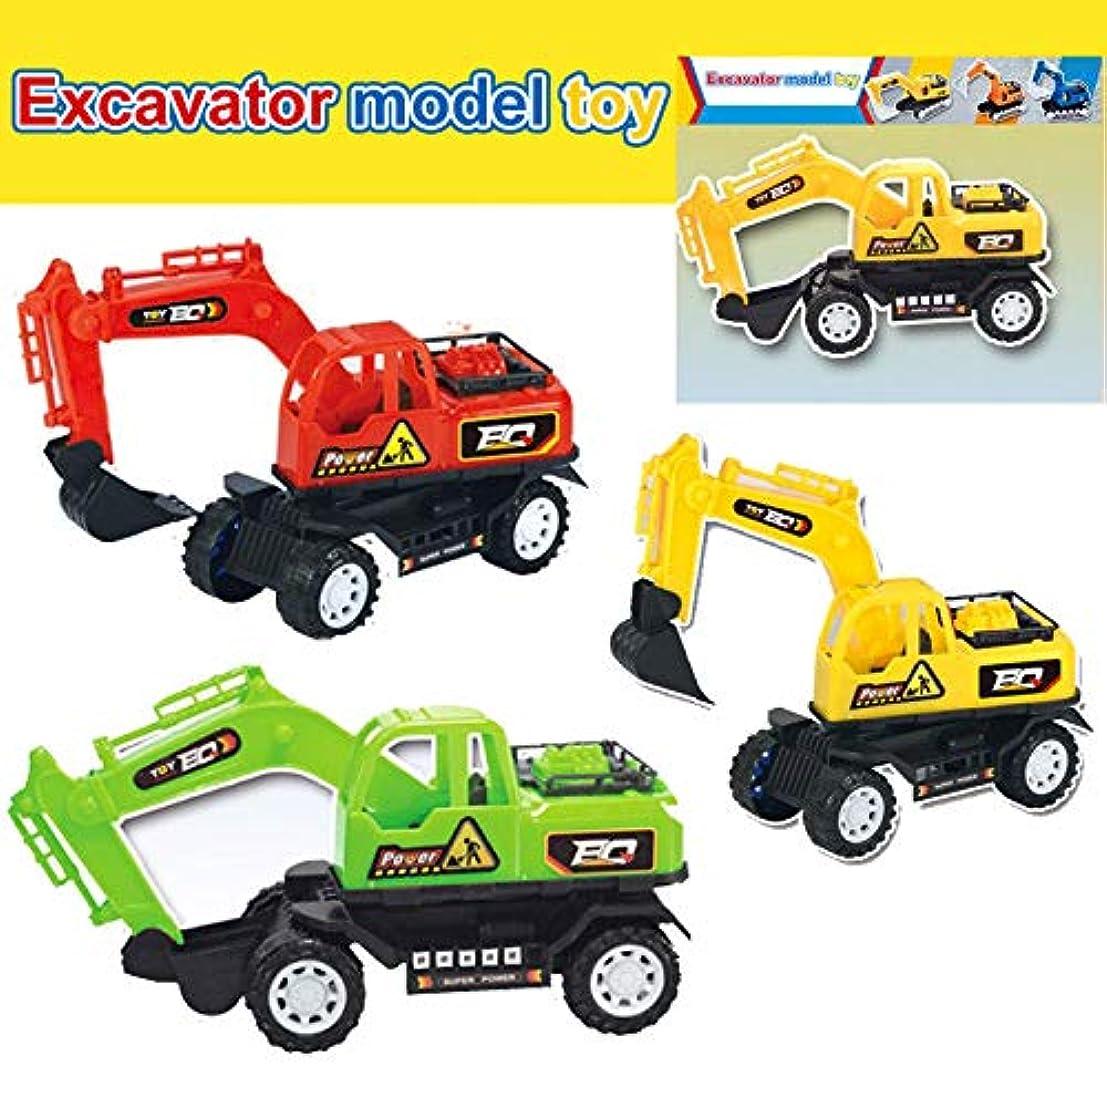 ブレーク甘味思慮深いTenflyer 1ピースショベルとダンプトラック、建設玩具、シミュレーションエンジニアリングカー掘削機モデルギフト、リモコントラクター玩具